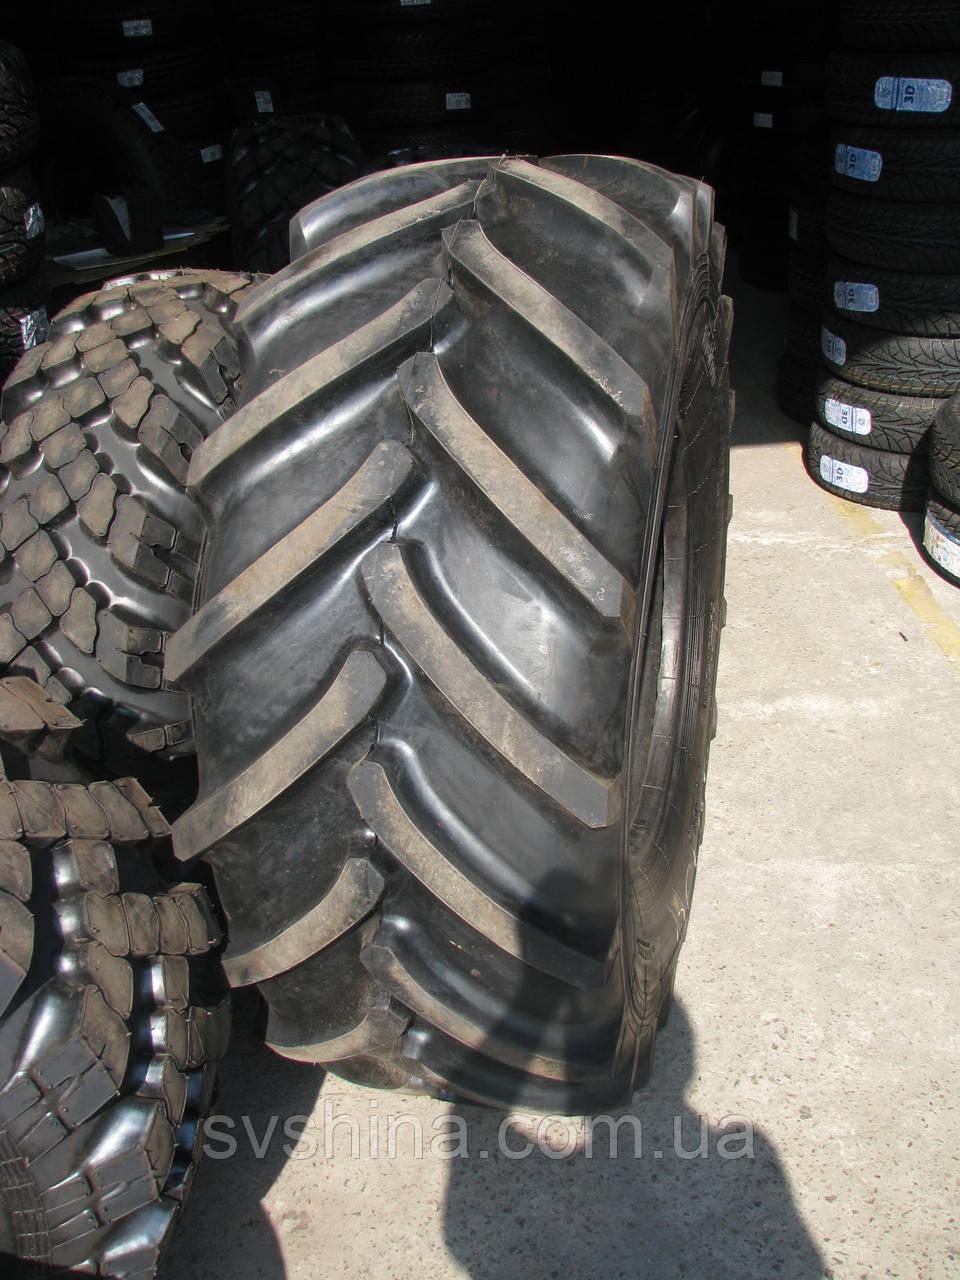 Сельхоз шины 21.3 R24 (530R610) Росава UTP-14, 12 нс.